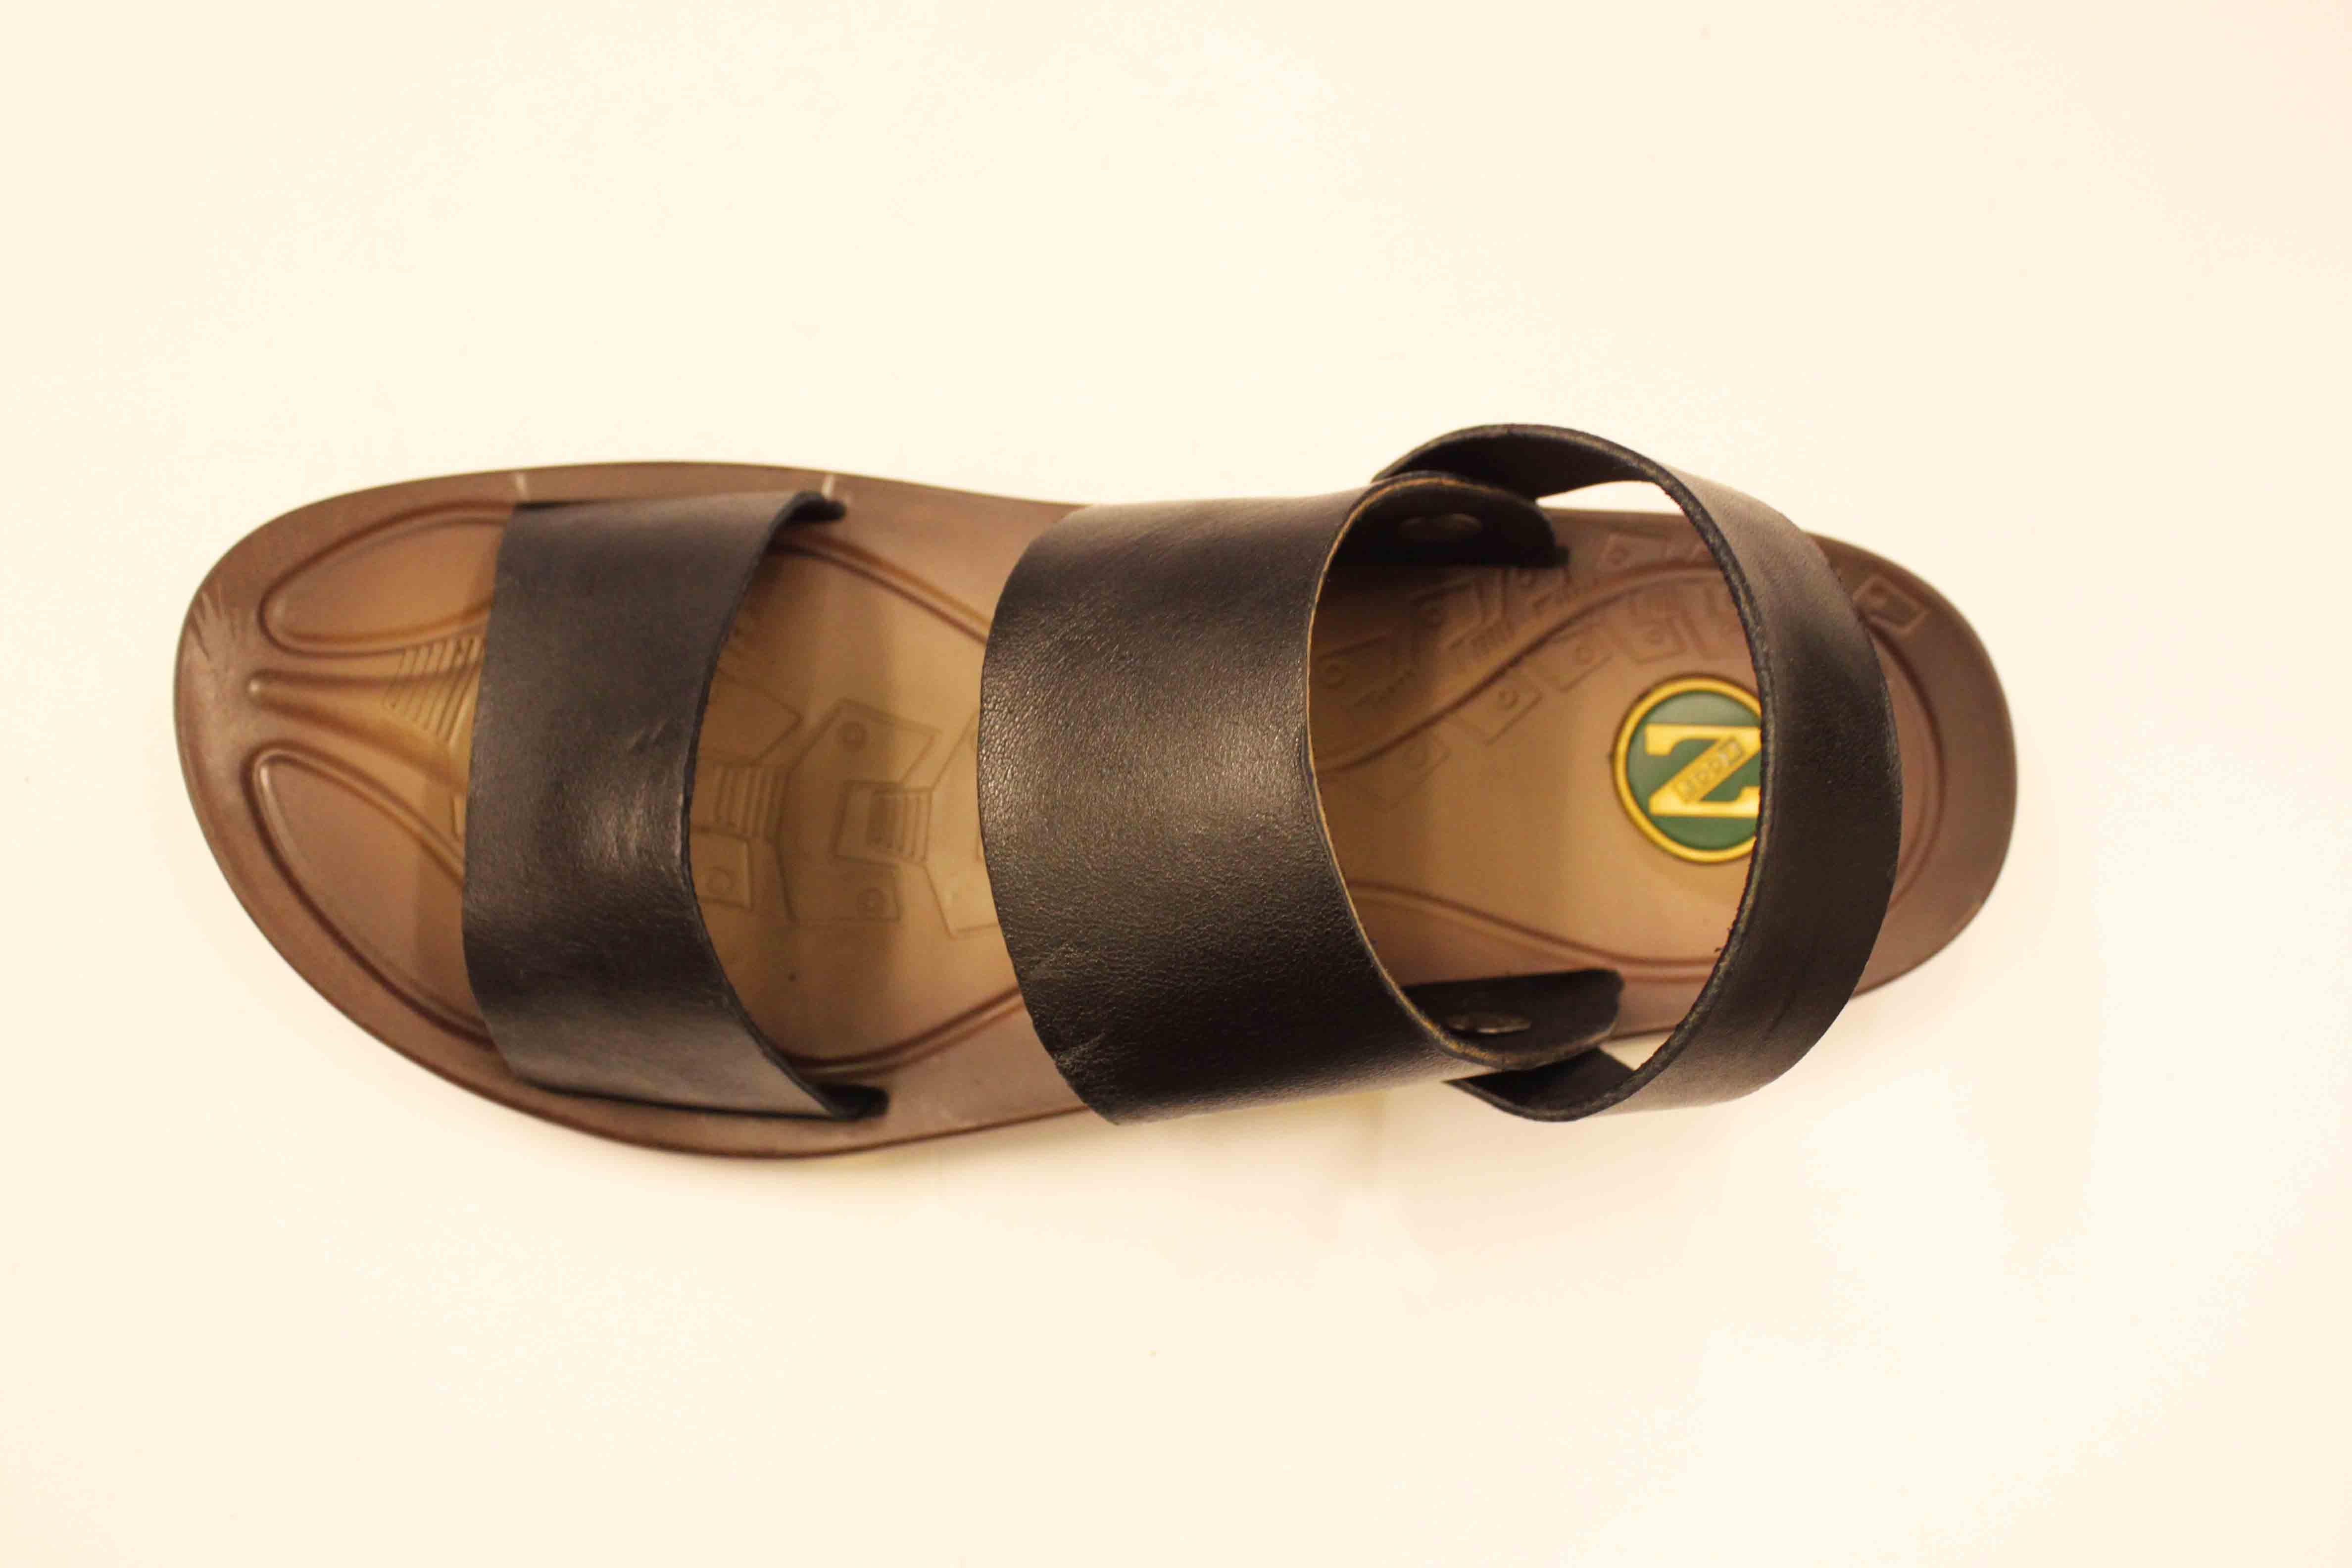 sandal da quai cheo